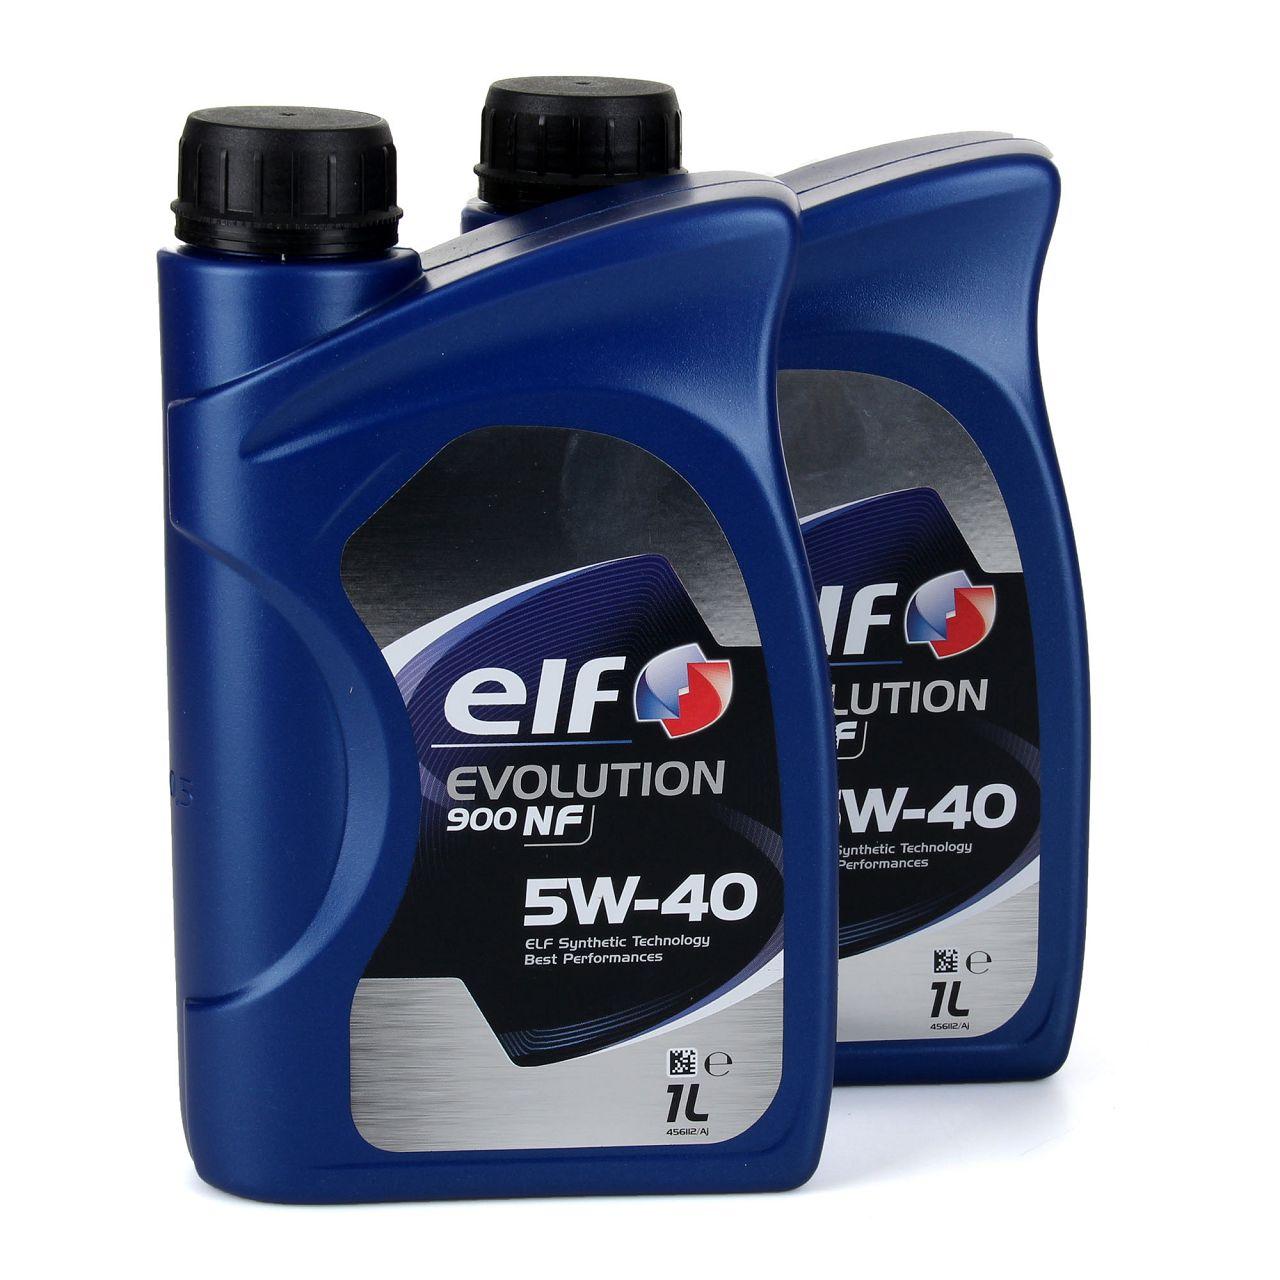 elf Evolution 900 NF 5W-40 Motoröl VW 502.00/505.00 MERCEDES 229.3 - 2L 2 Liter